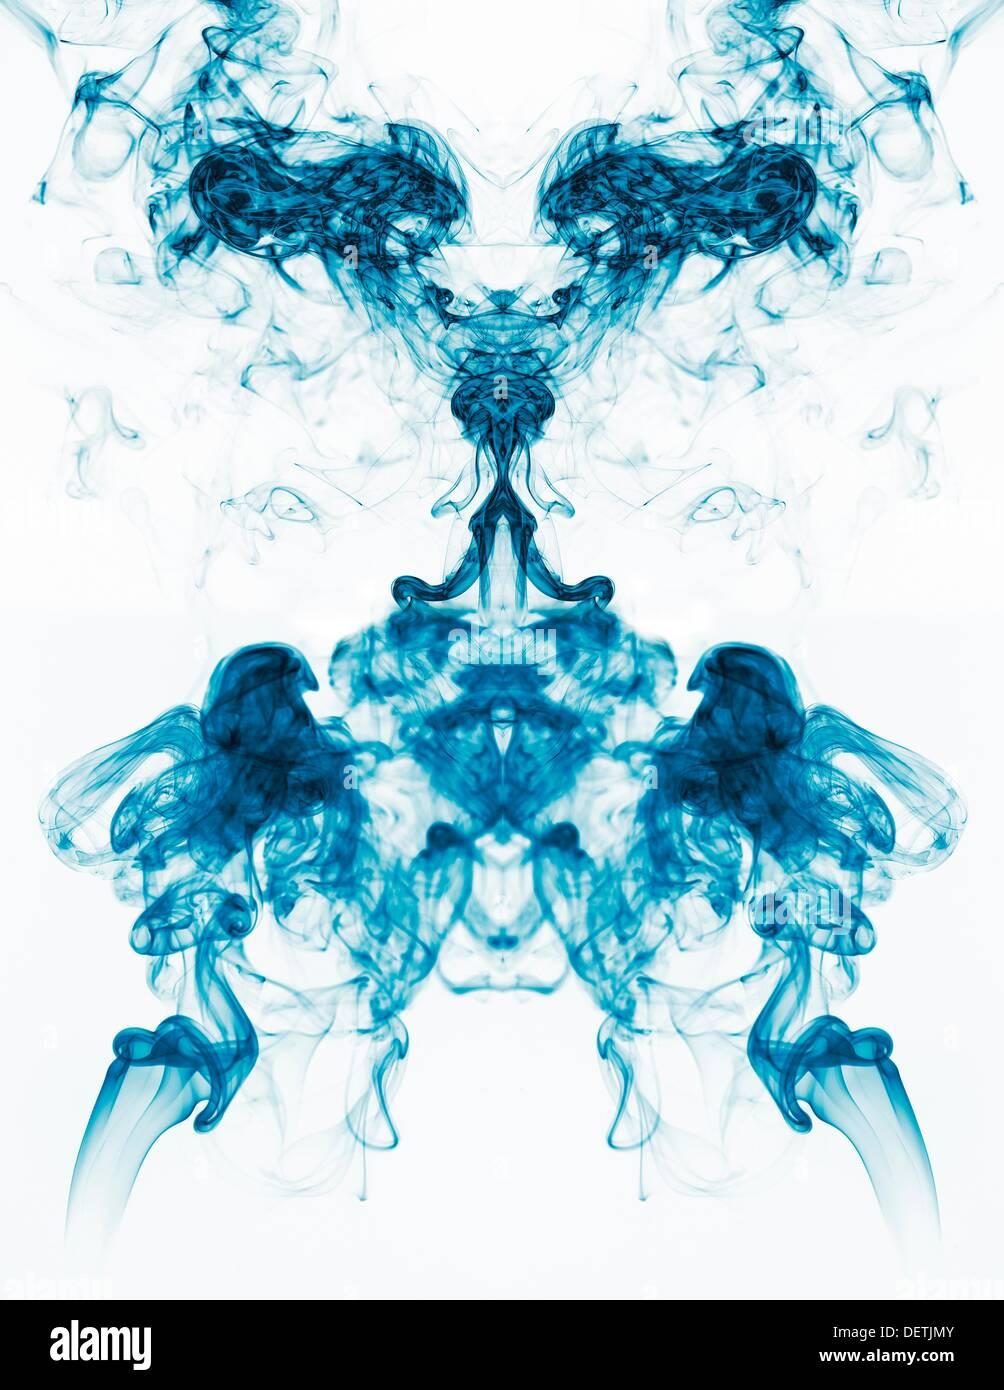 Konzeptbild einzigartig geformten vertikale Symmetrie Stockbild